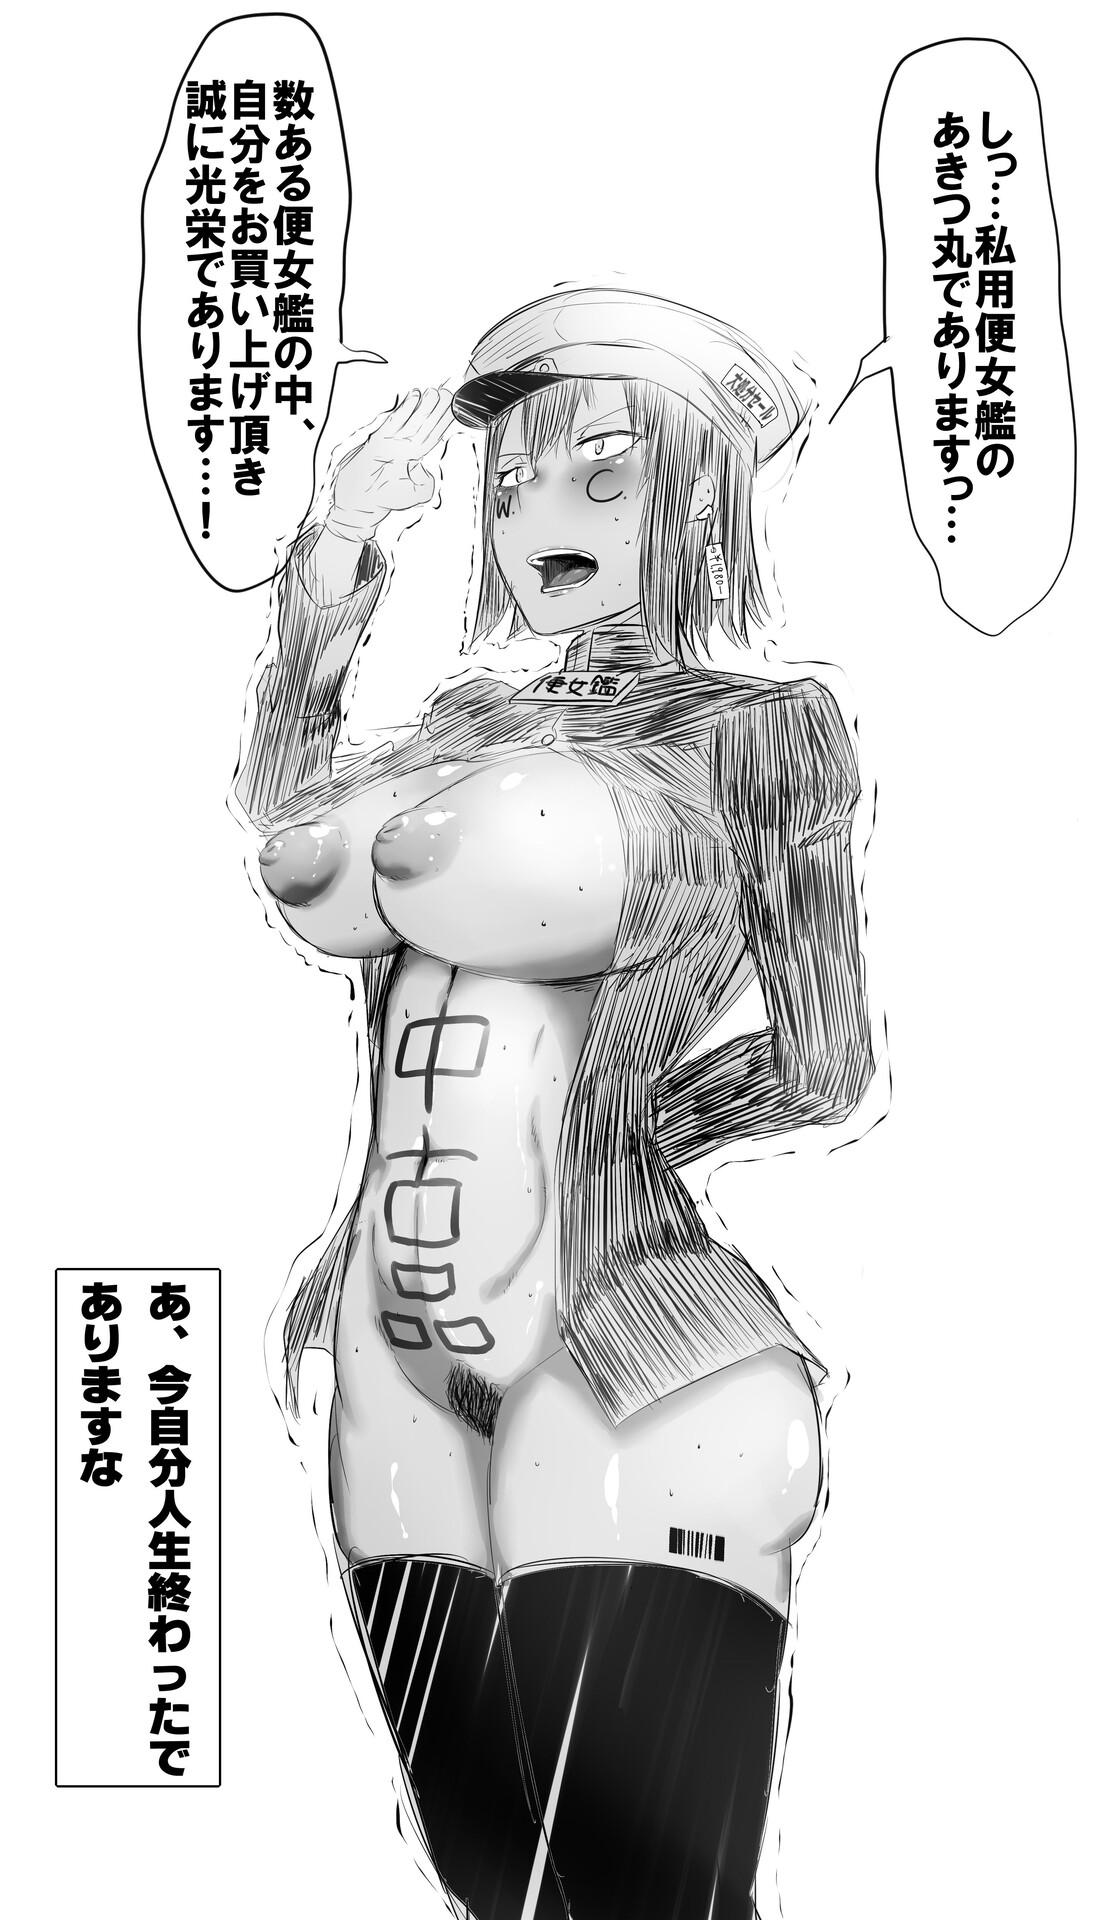 akitsu_maru_(kantai_collection)125